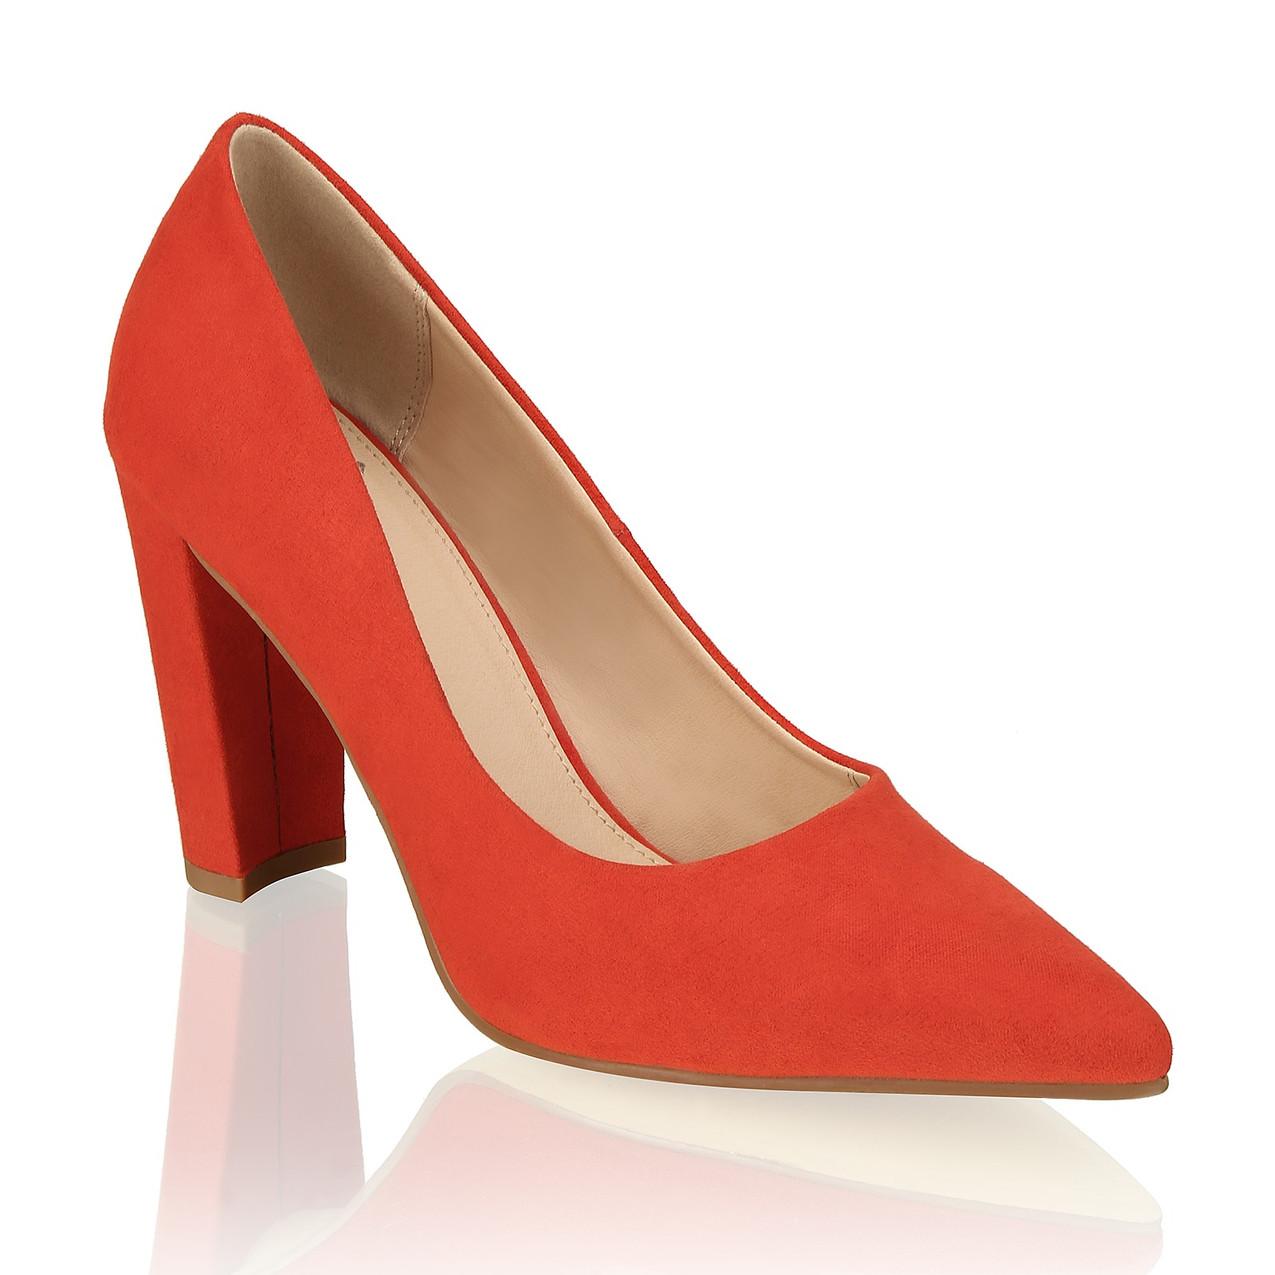 Shoe4You_FS19_OMG!_EUR 29,95